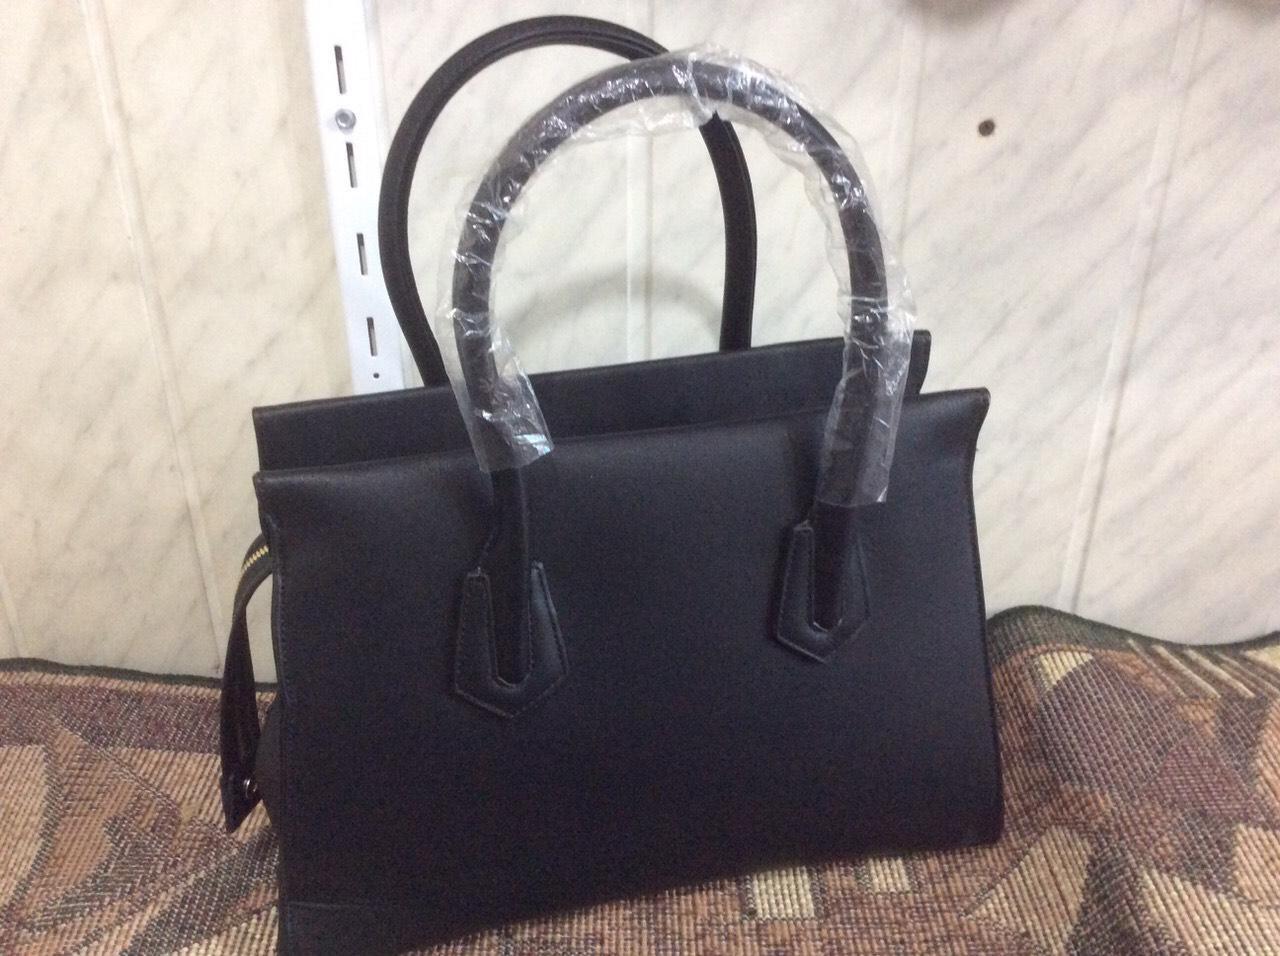 82cc354cc462 Ив сен лоран сумка Yves Saint Laurent YSL люкс копия: продажа, цена ...